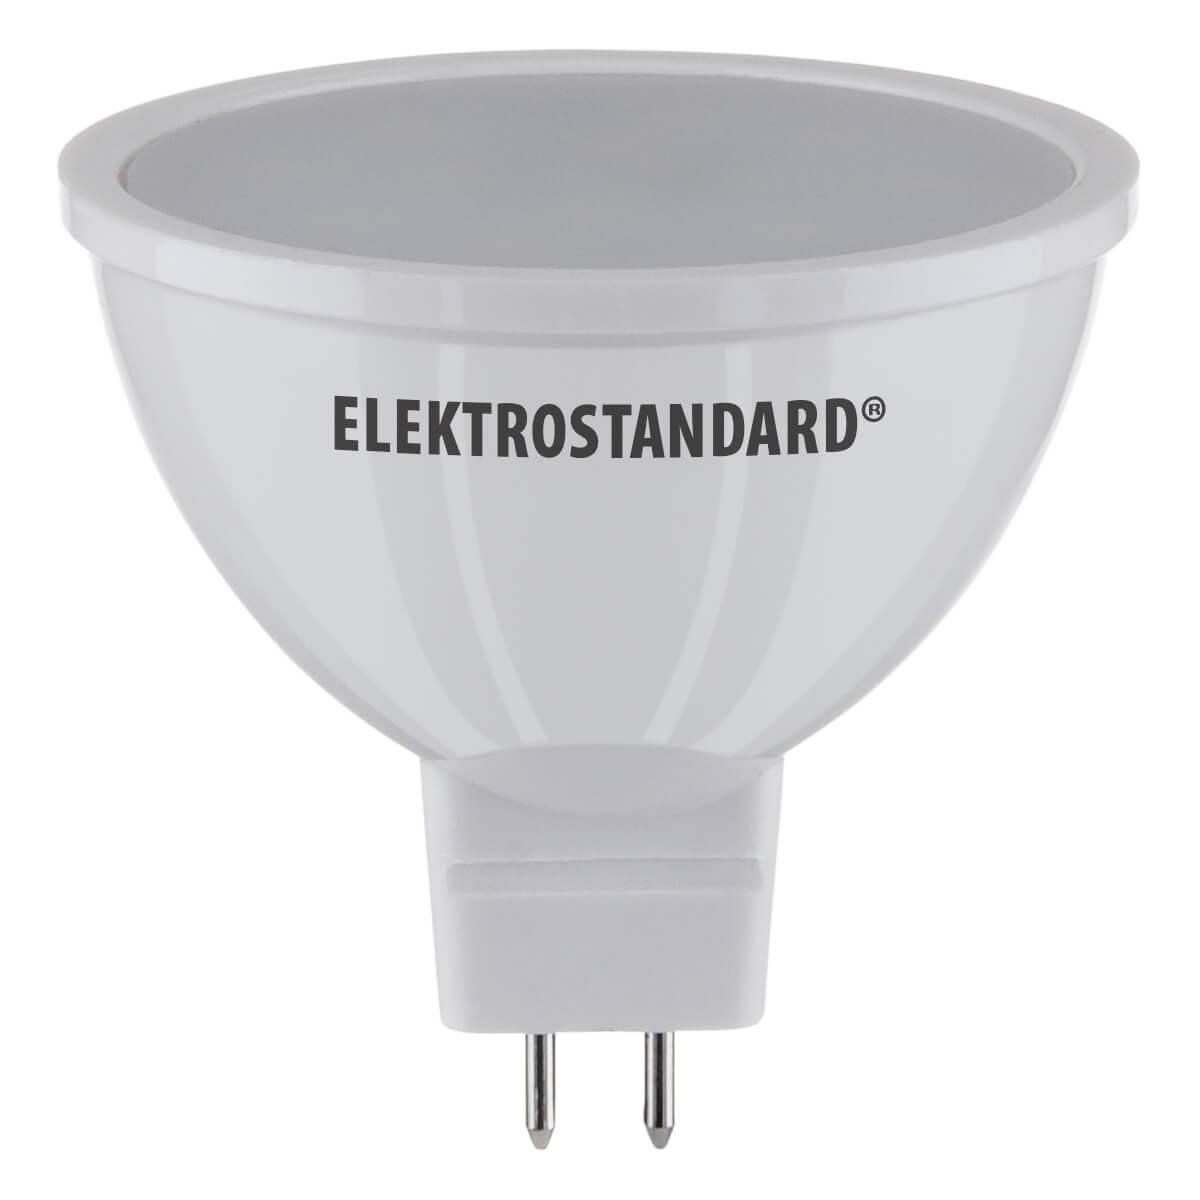 Лампочка Elektrostandard 4690389151620 BLG53